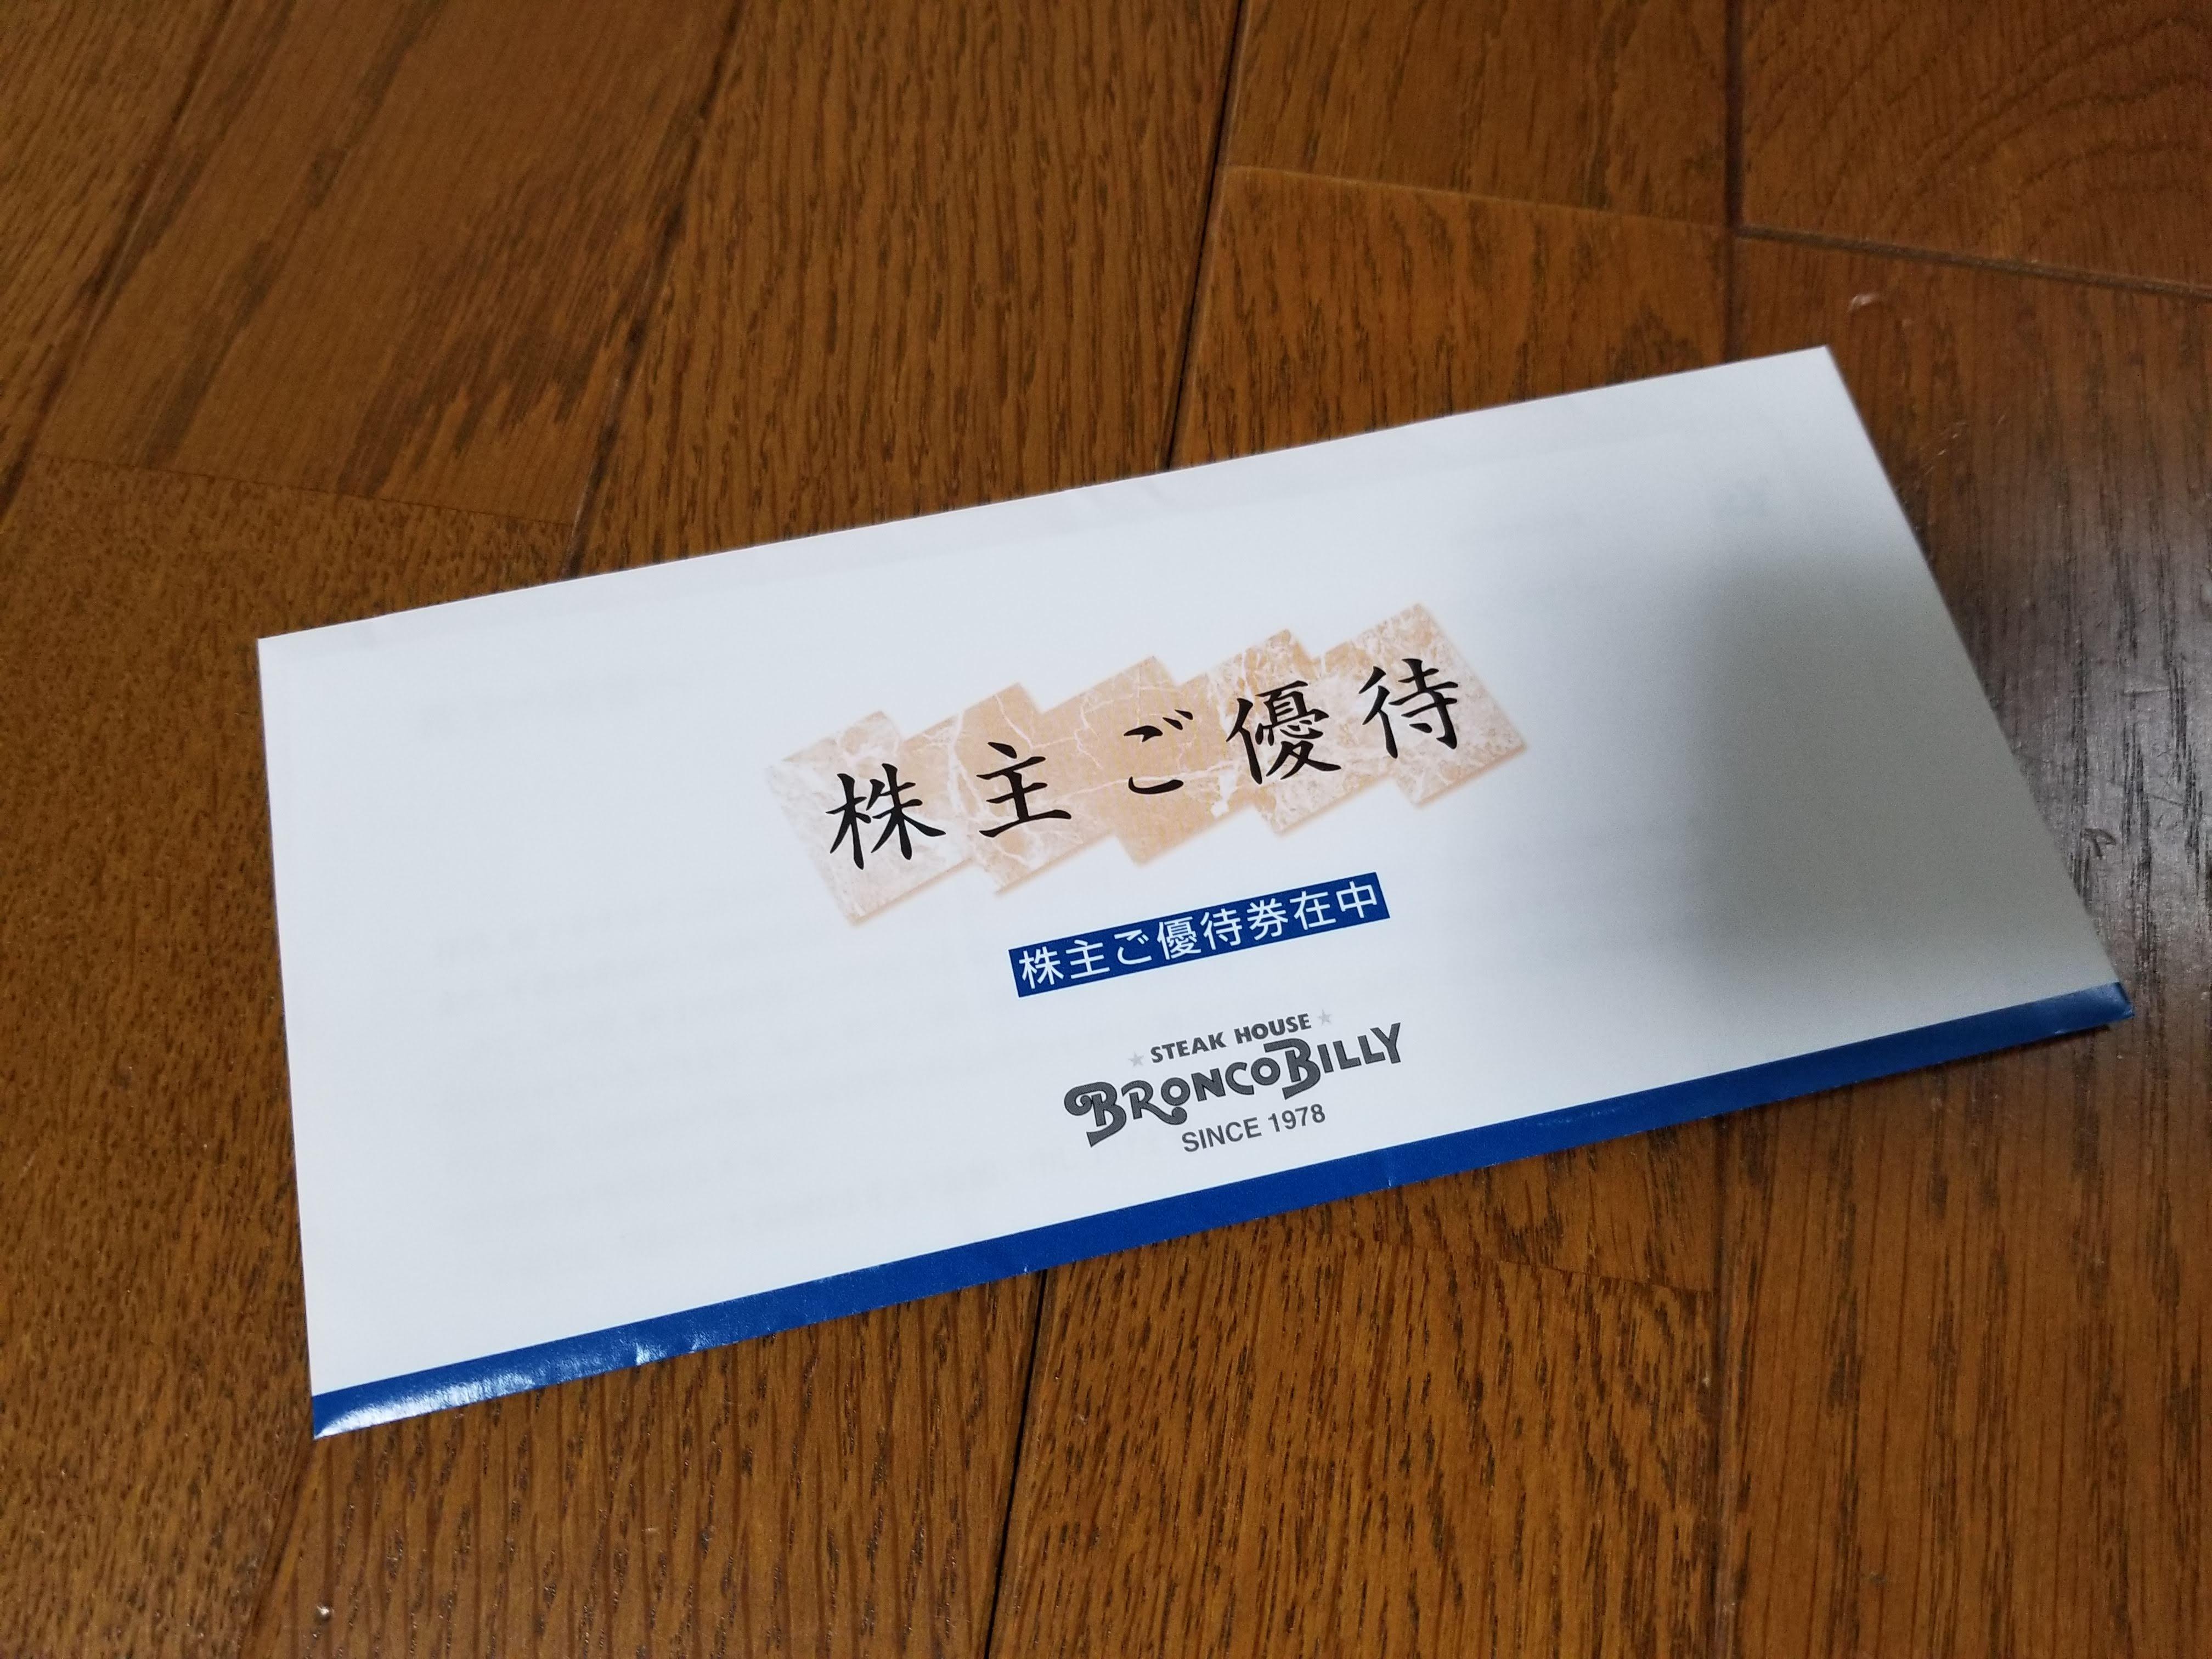 ブロンコビリー(3091)の株主優待到着!